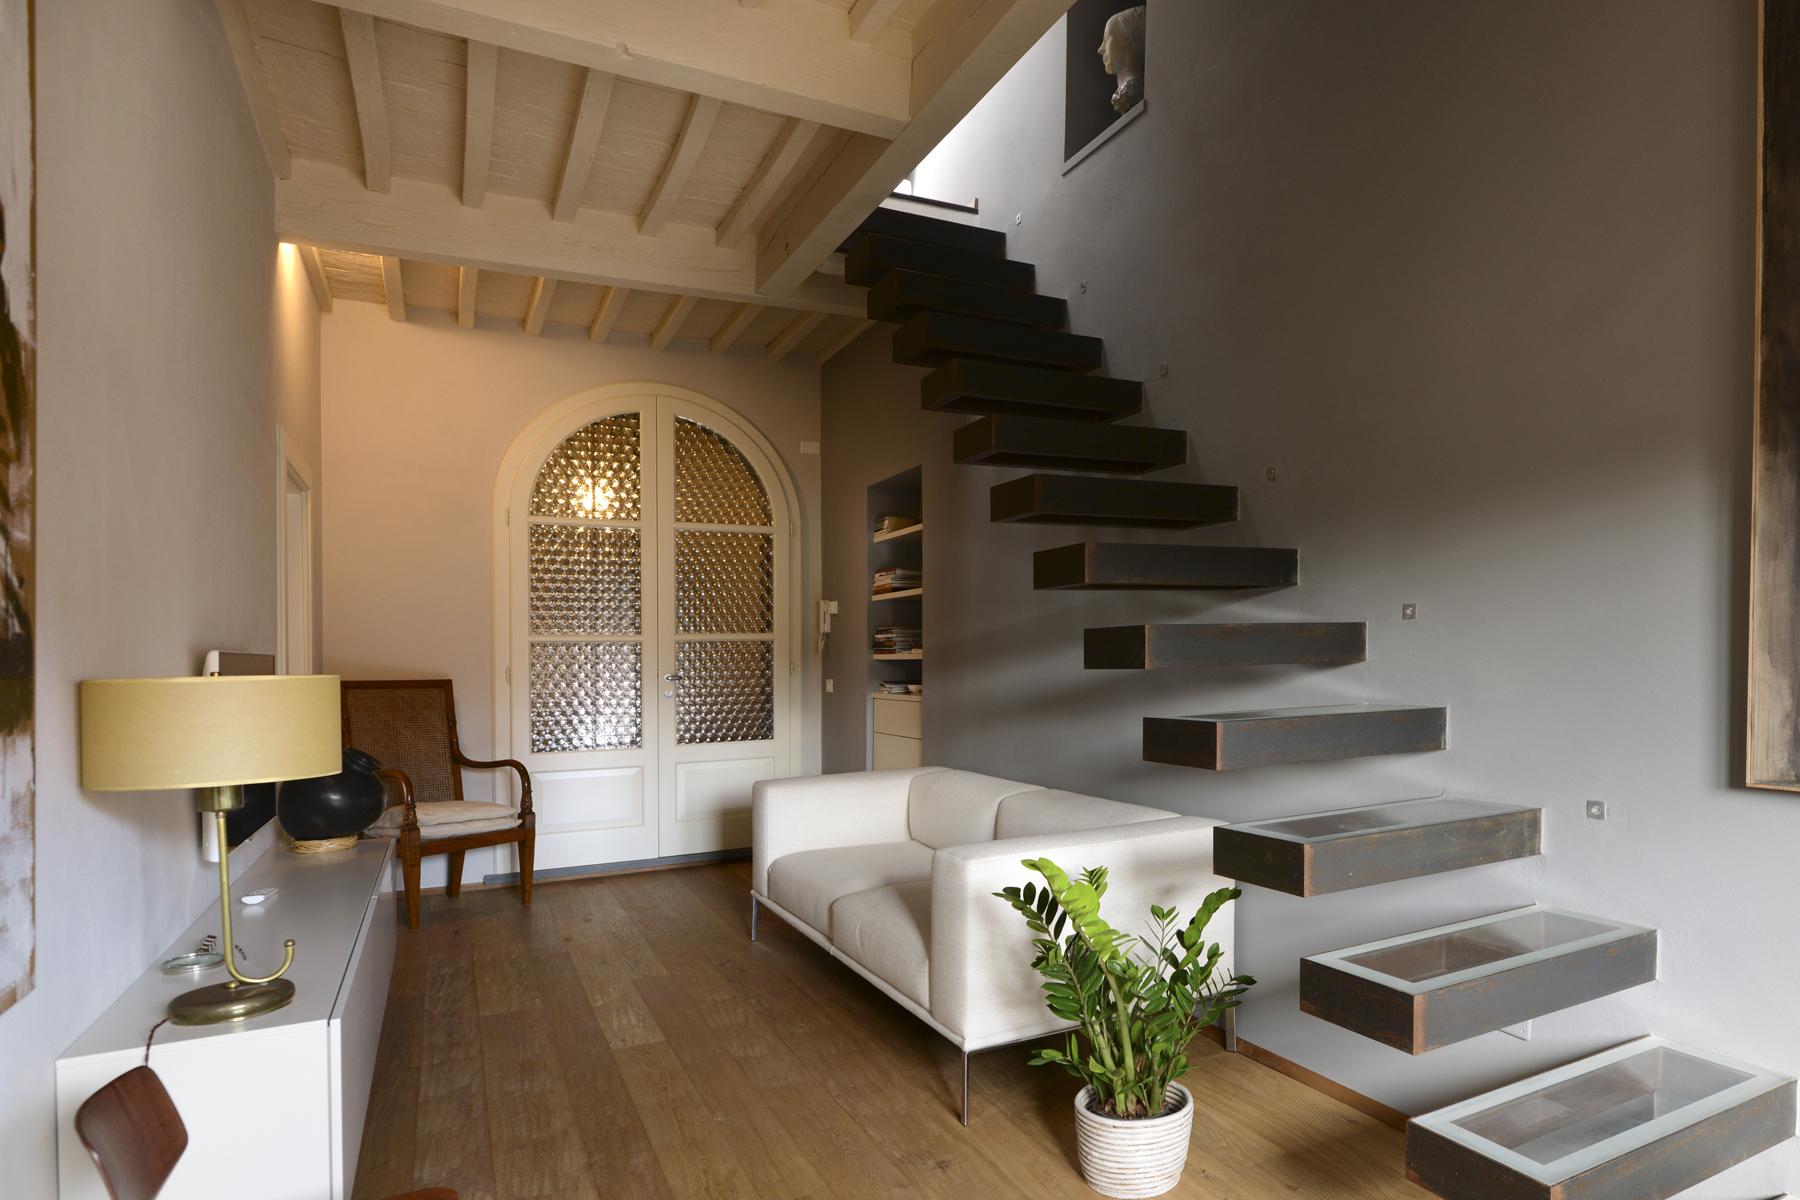 Appartamento in Vendita a Pietrasanta: 5 locali, 70 mq - Foto 2